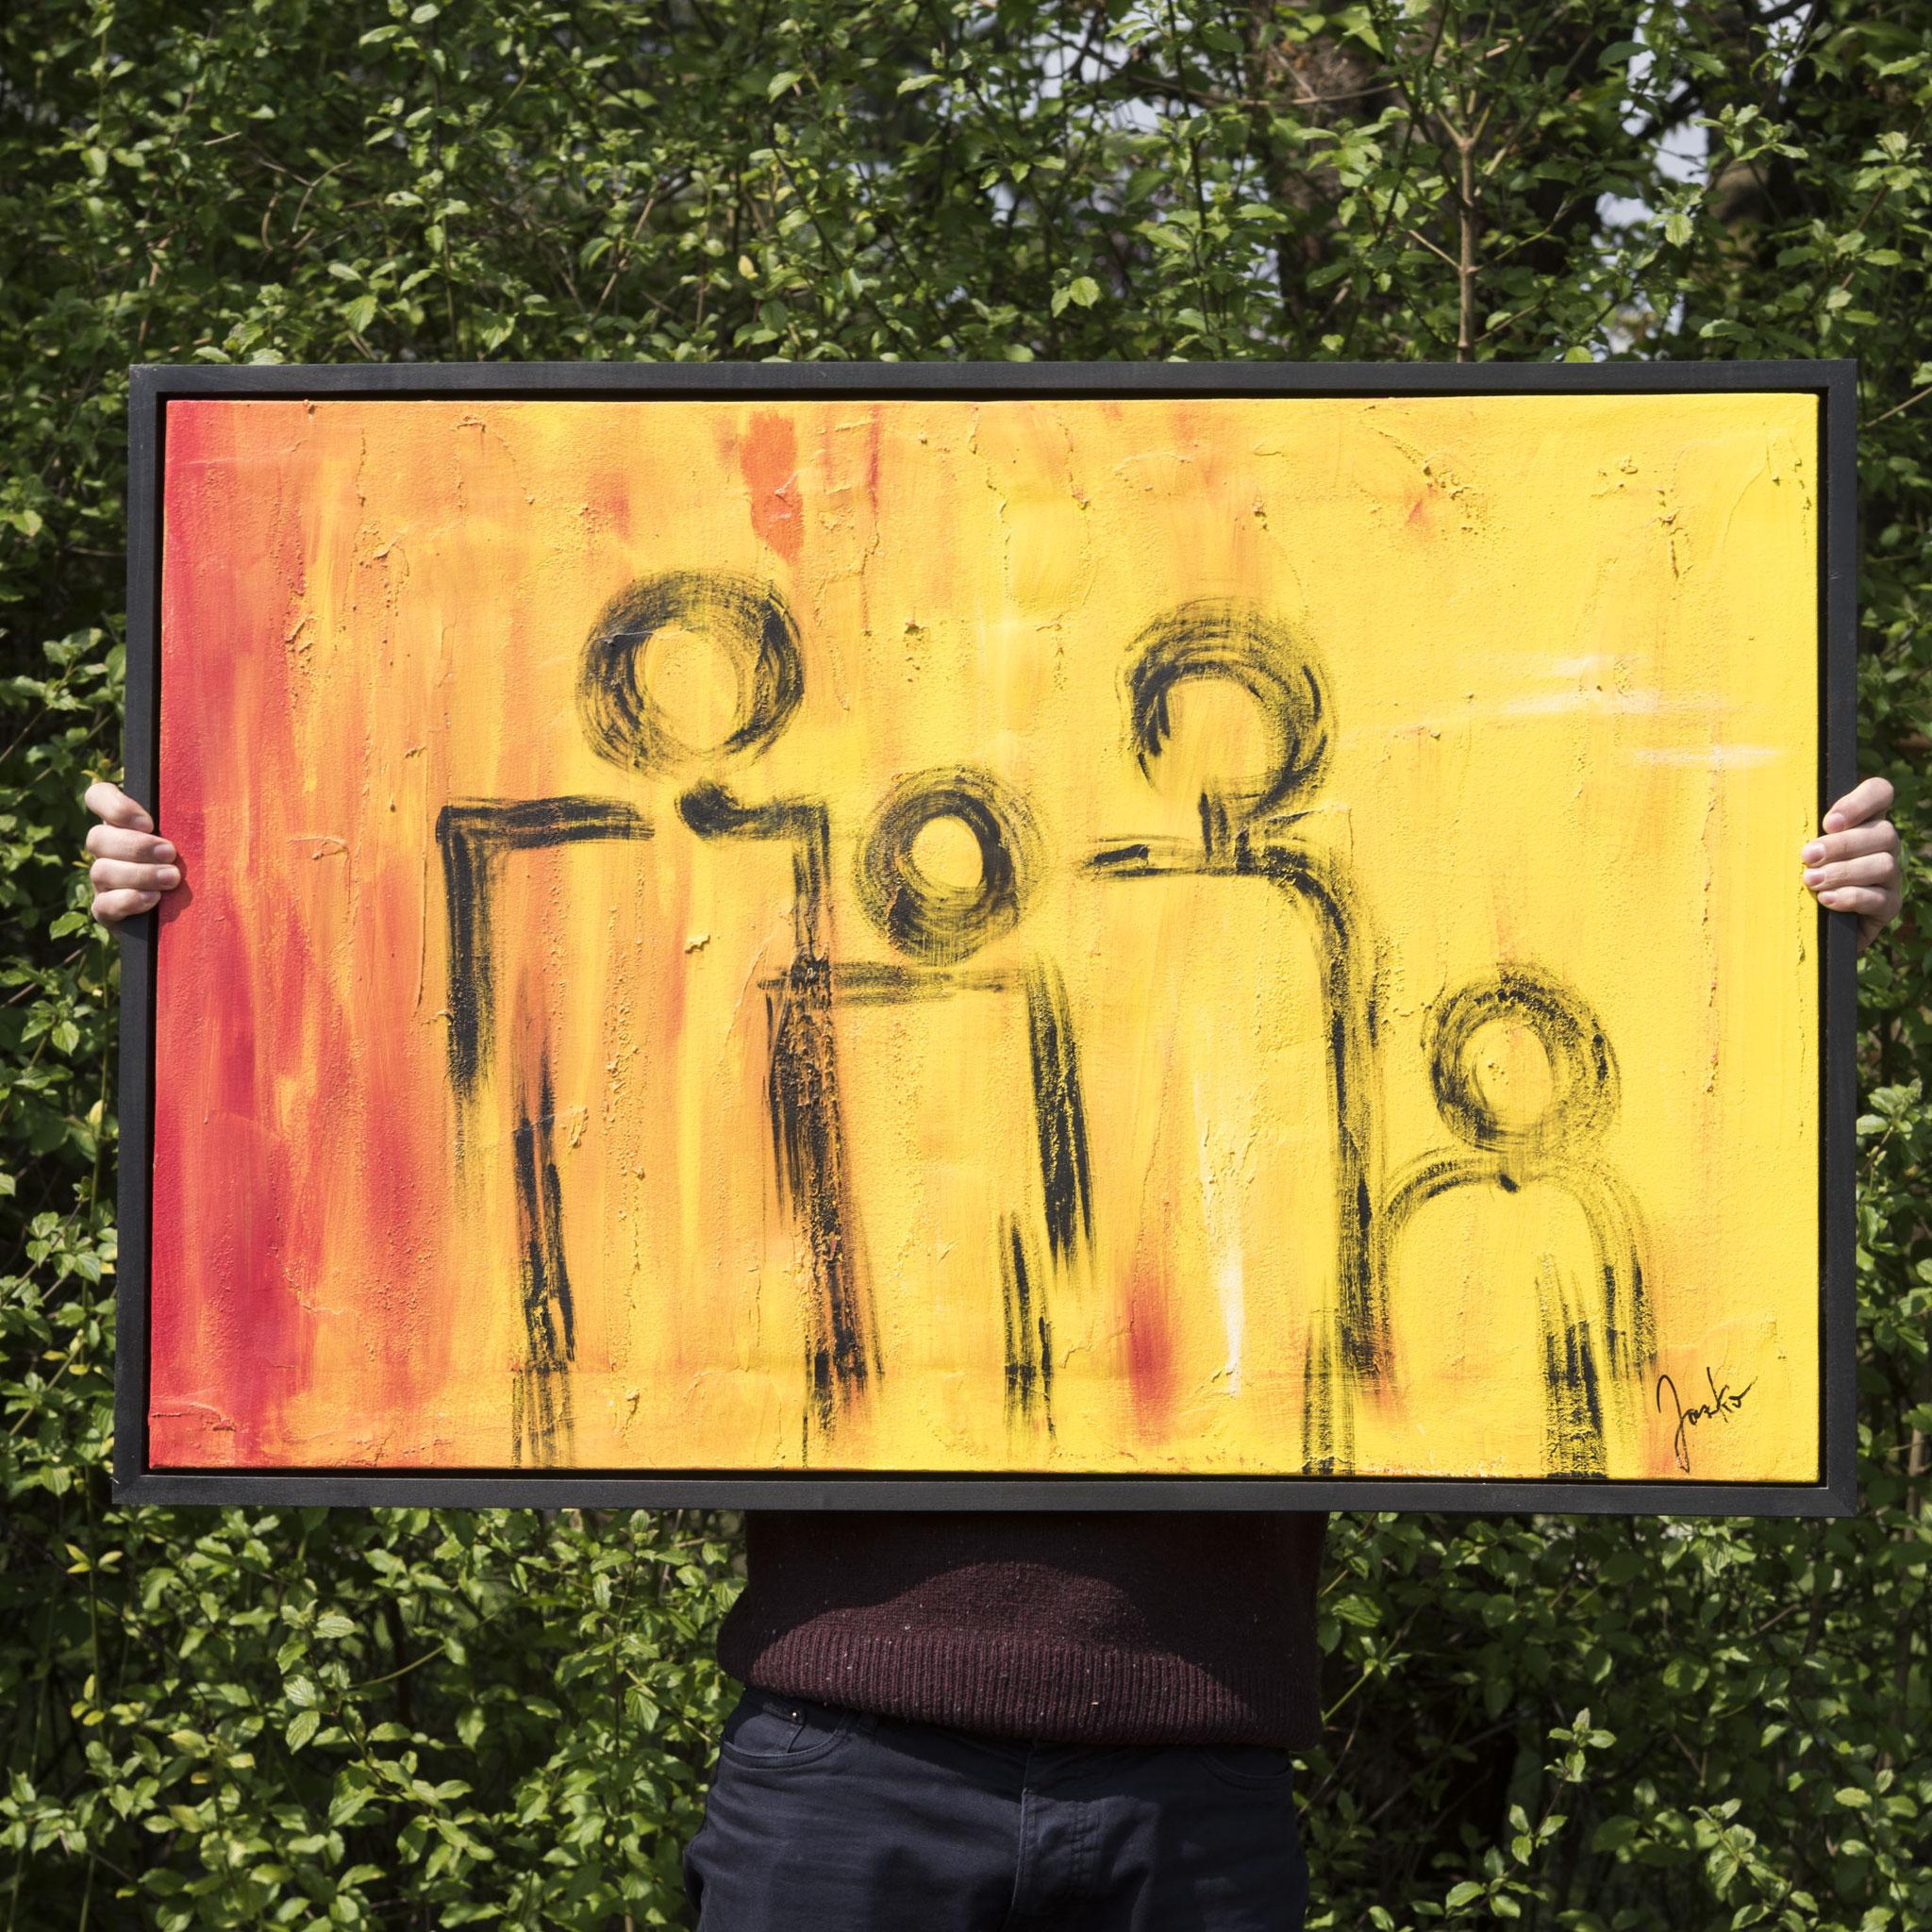 Schattenfugenrahmen für Ihre Kunstwerke